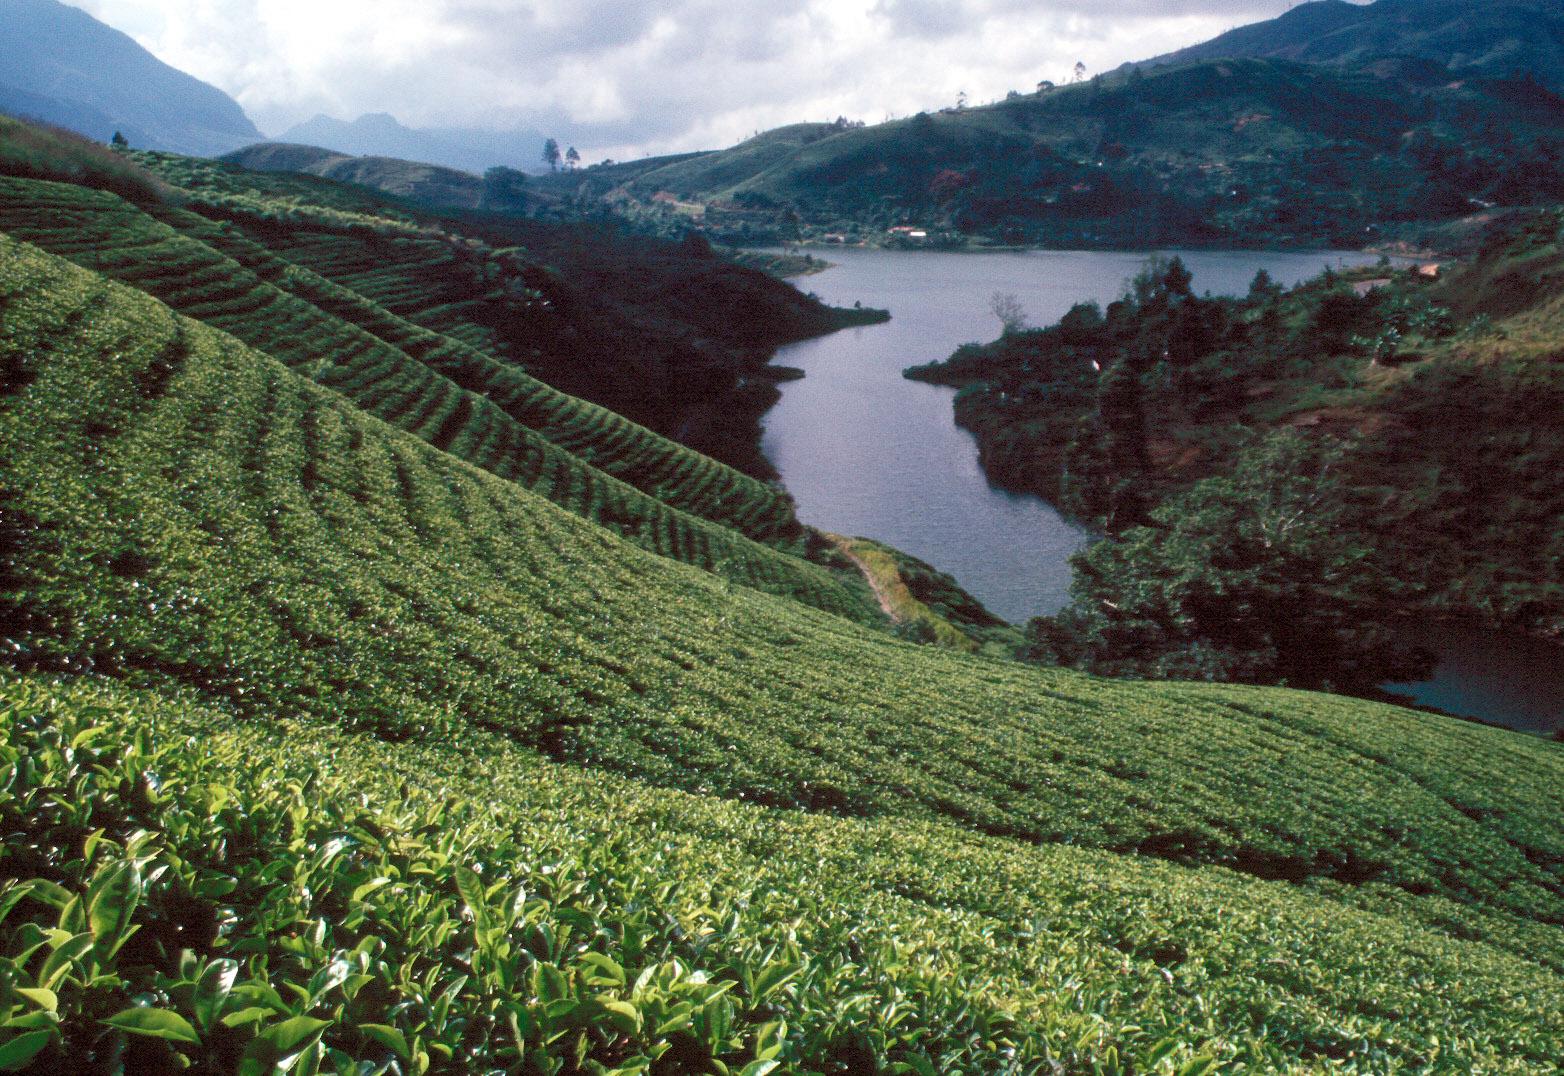 http://upload.wikimedia.org/wikipedia/commons/f/f0/Sri_Lanka_Teeplantage.jpg